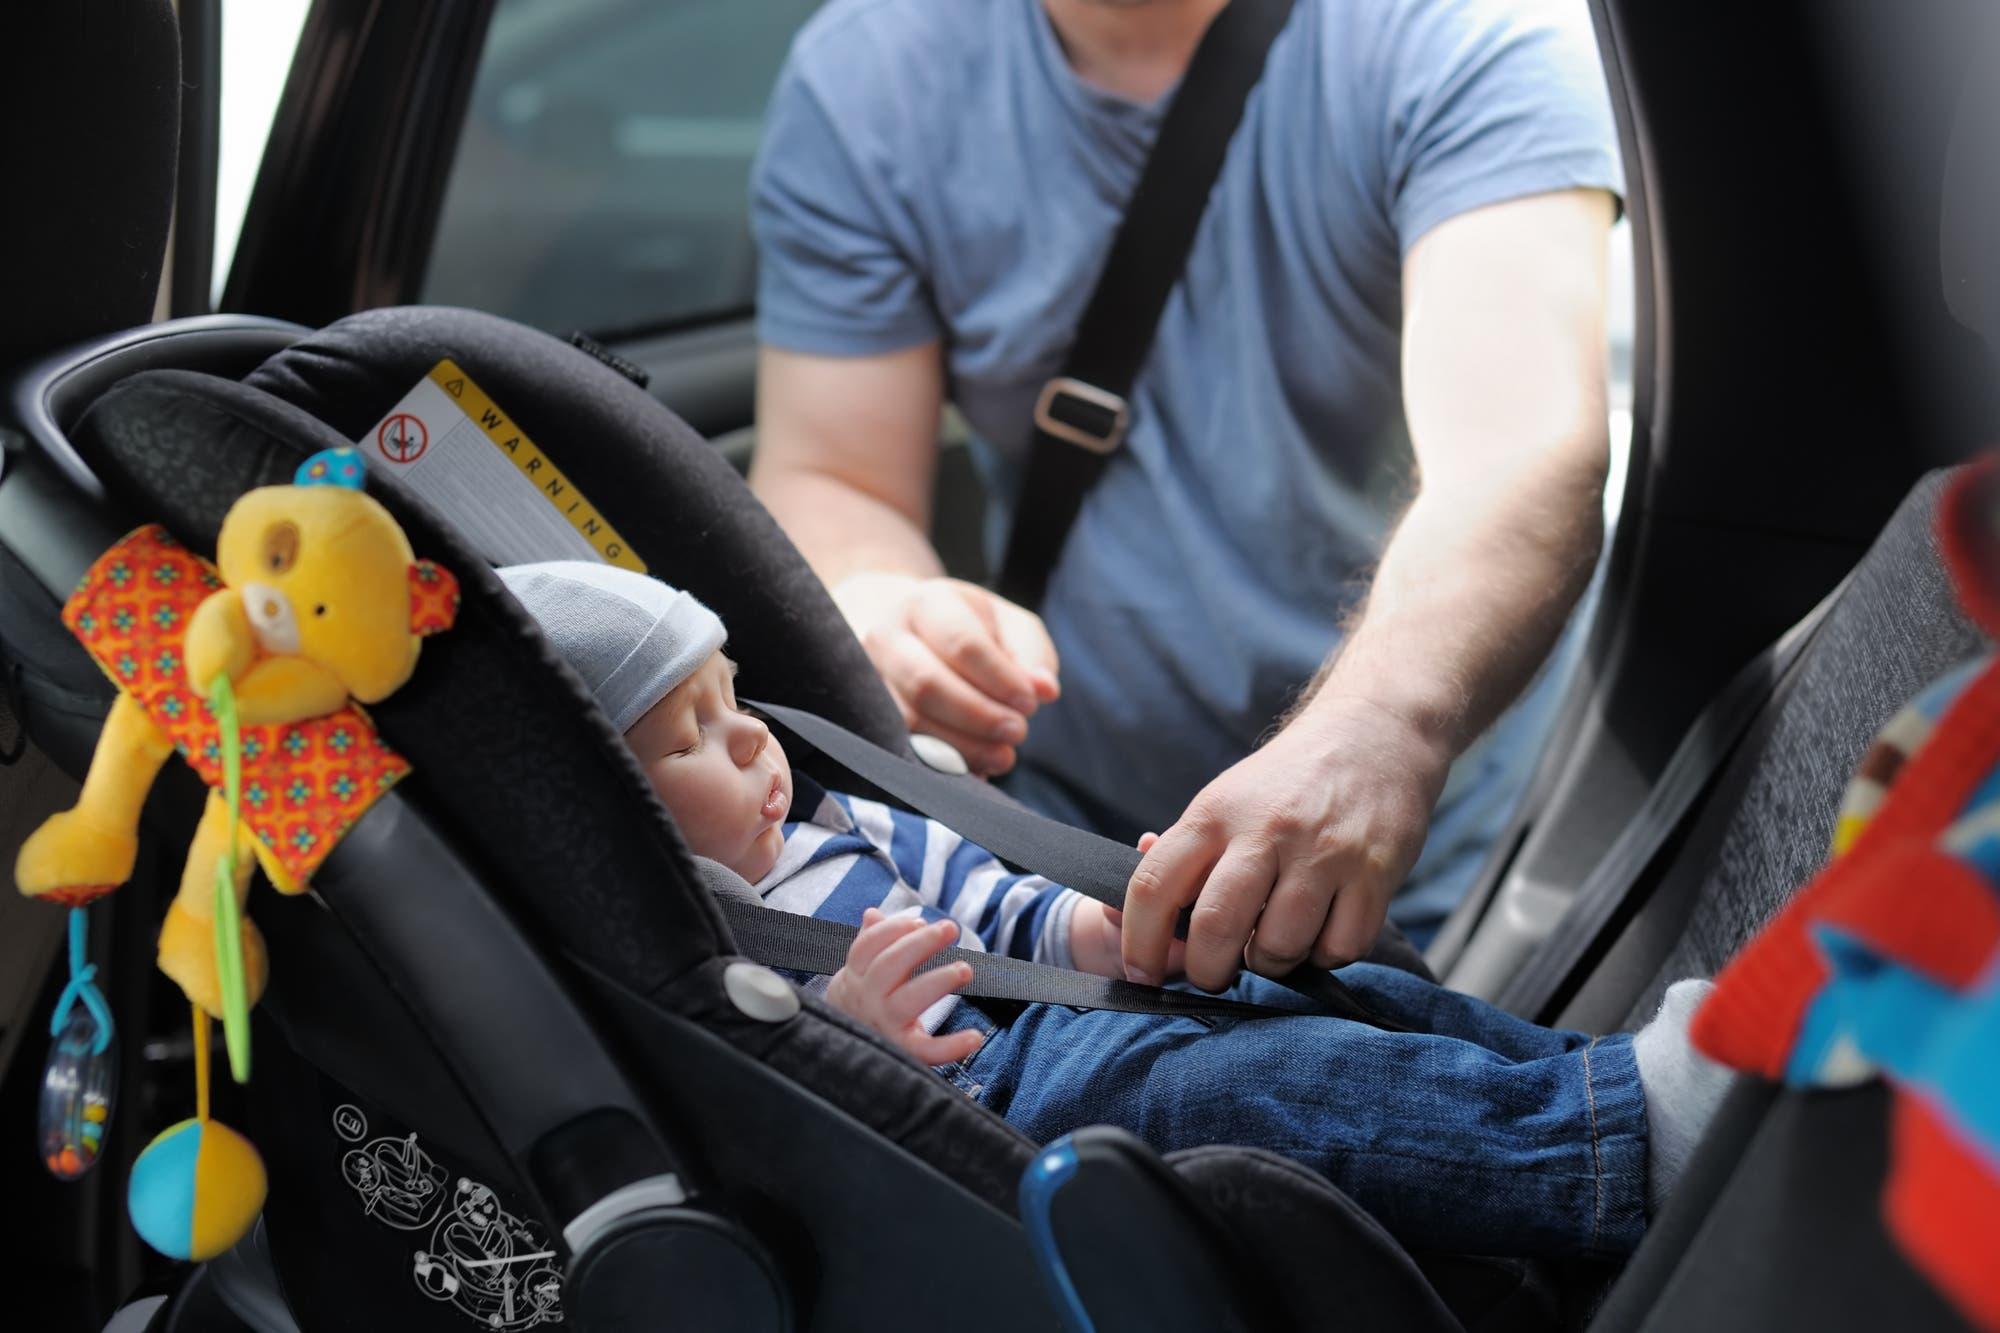 Italia exigirá el uso de sillas con sensores para evitar el olvido de chicos en el auto